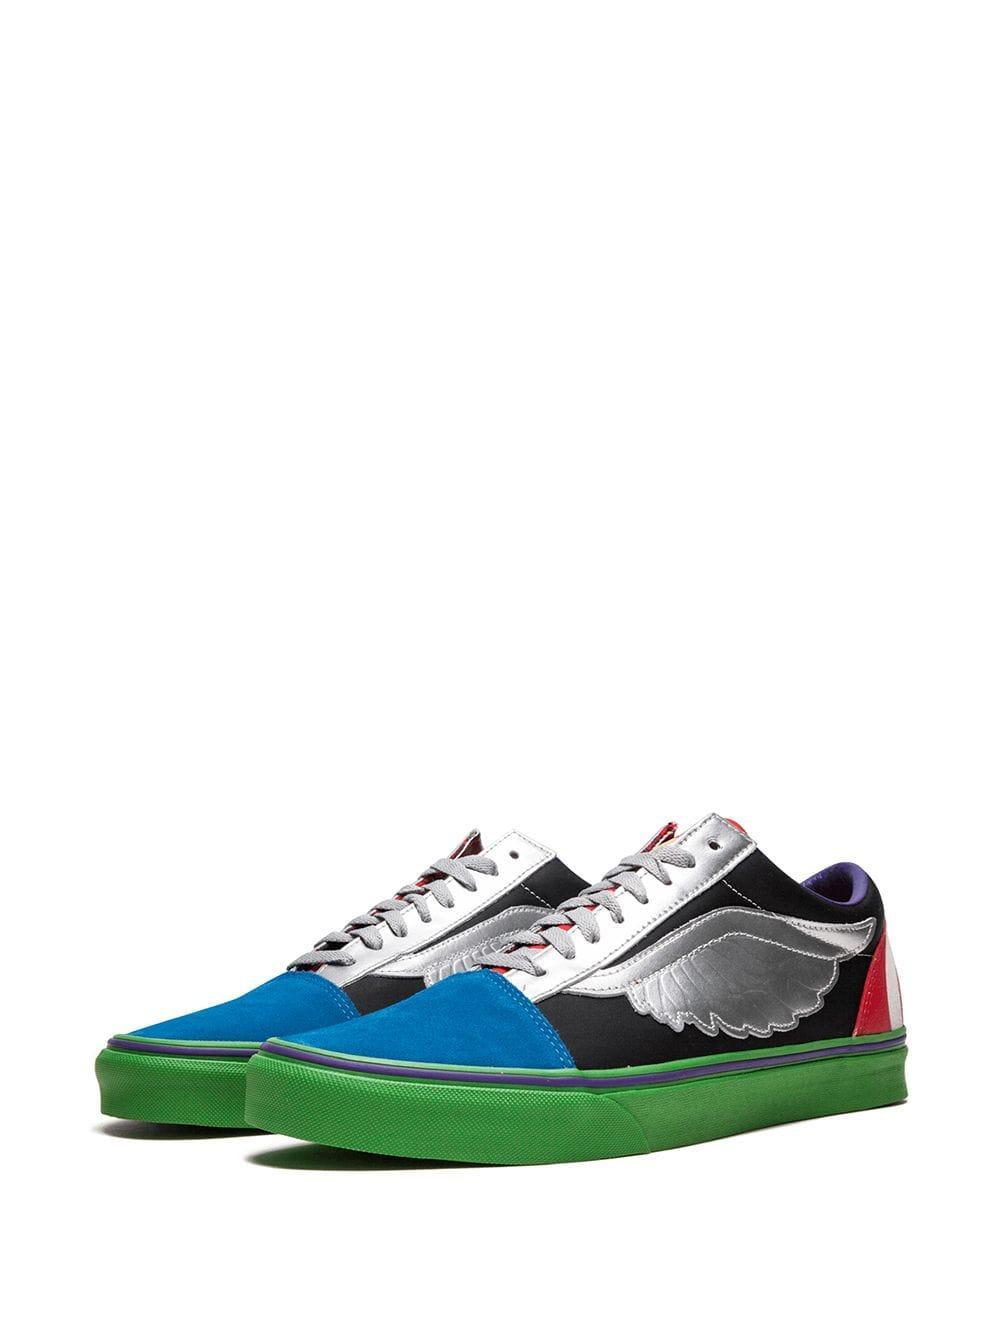 Zapatillas Old Skool Vans de hombre de color Azul